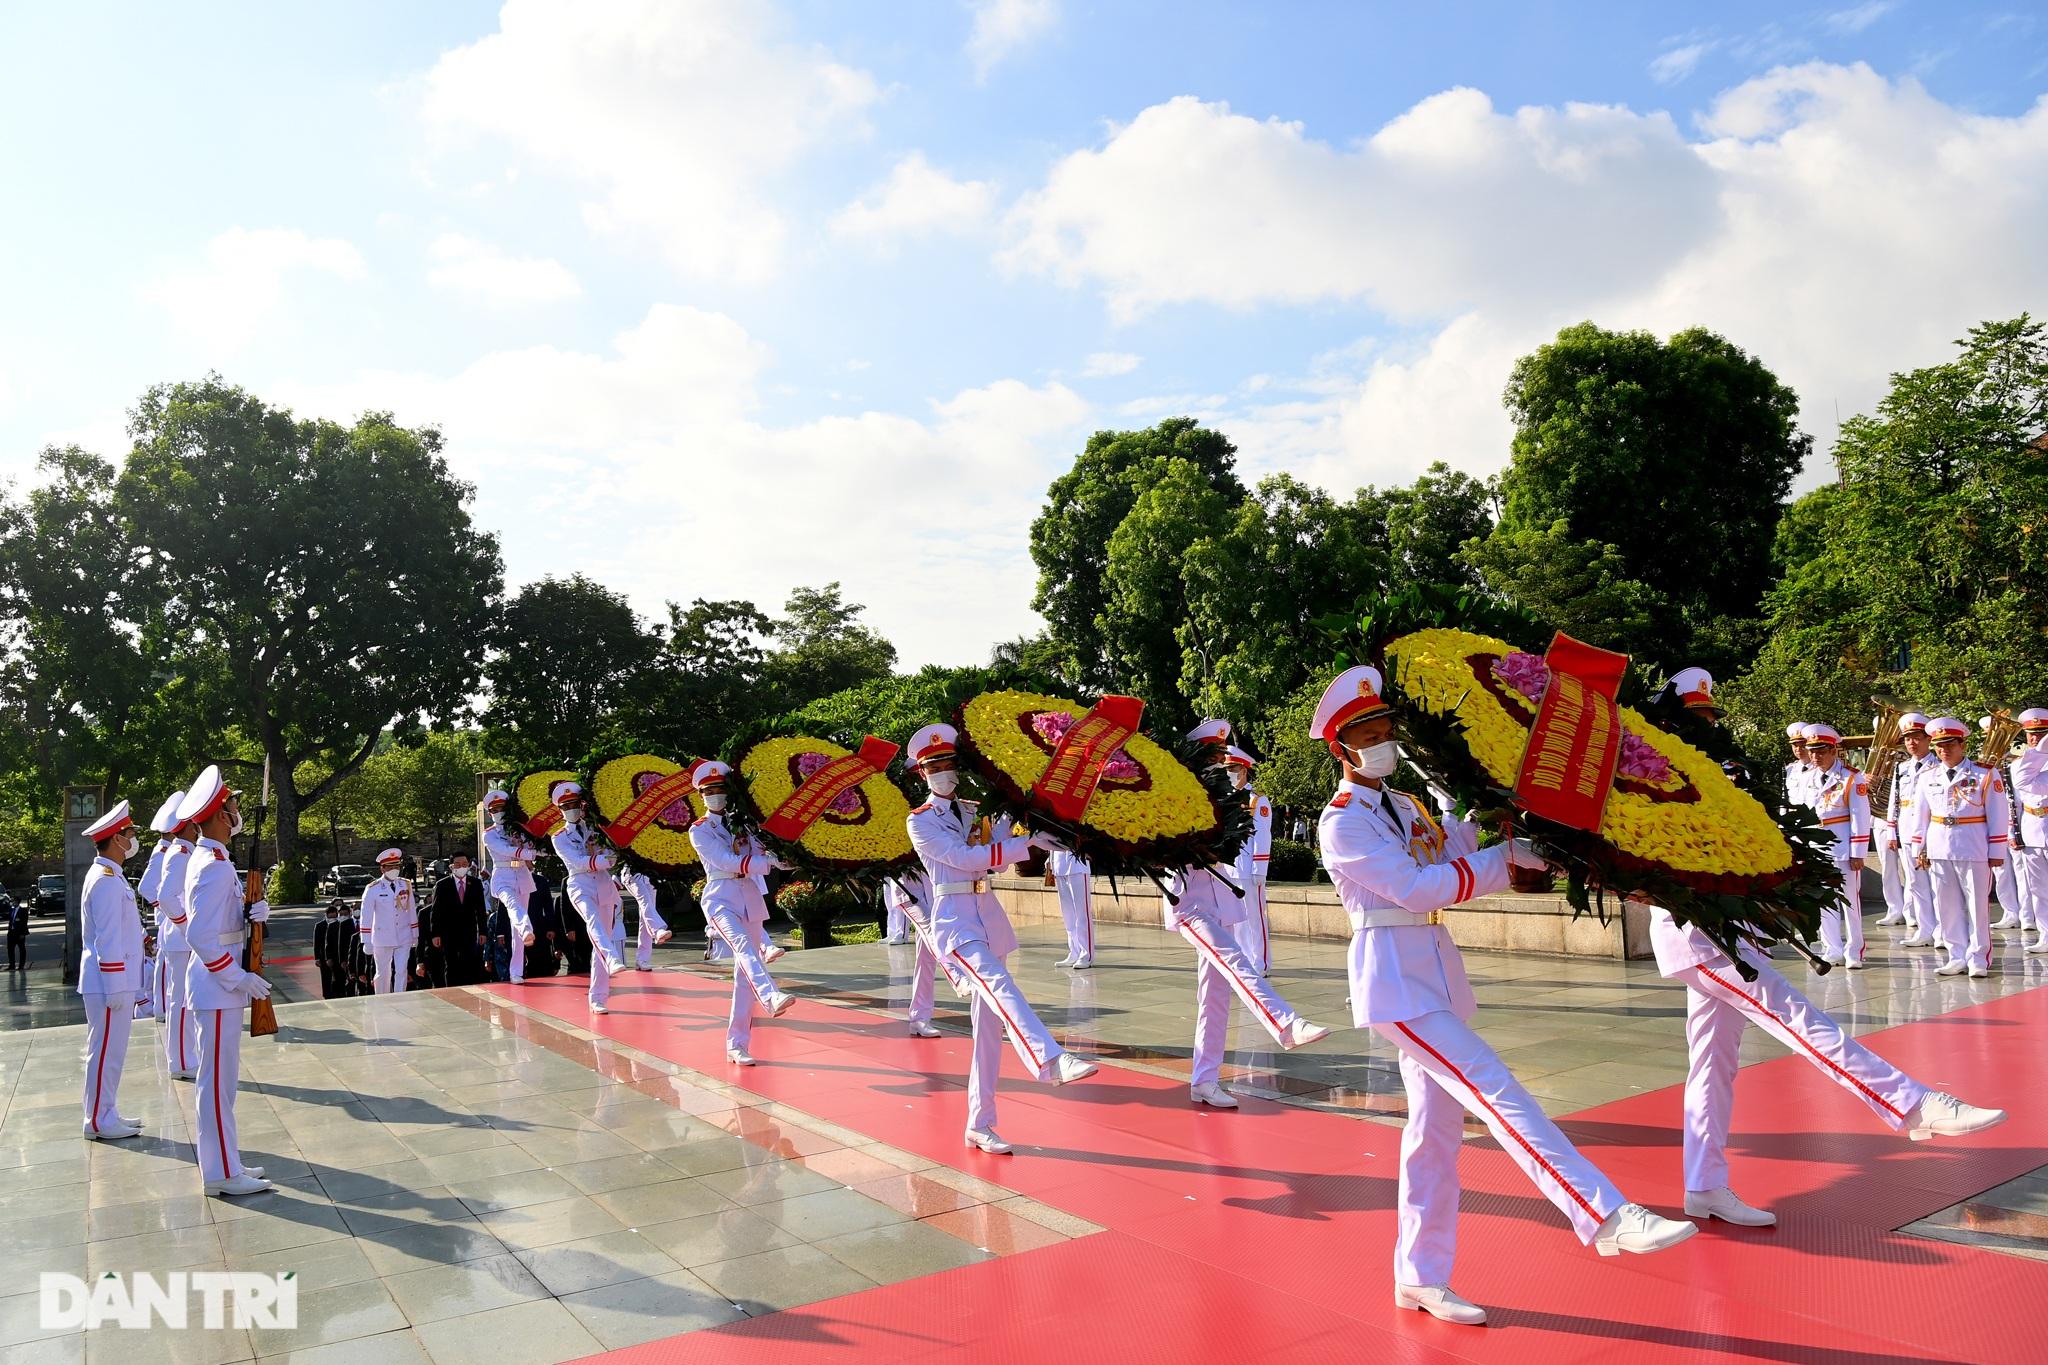 Lãnh đạo Đảng, Nhà nước đặt vòng hoa, tưởng niệm các Anh hùng liệt sĩ - 2